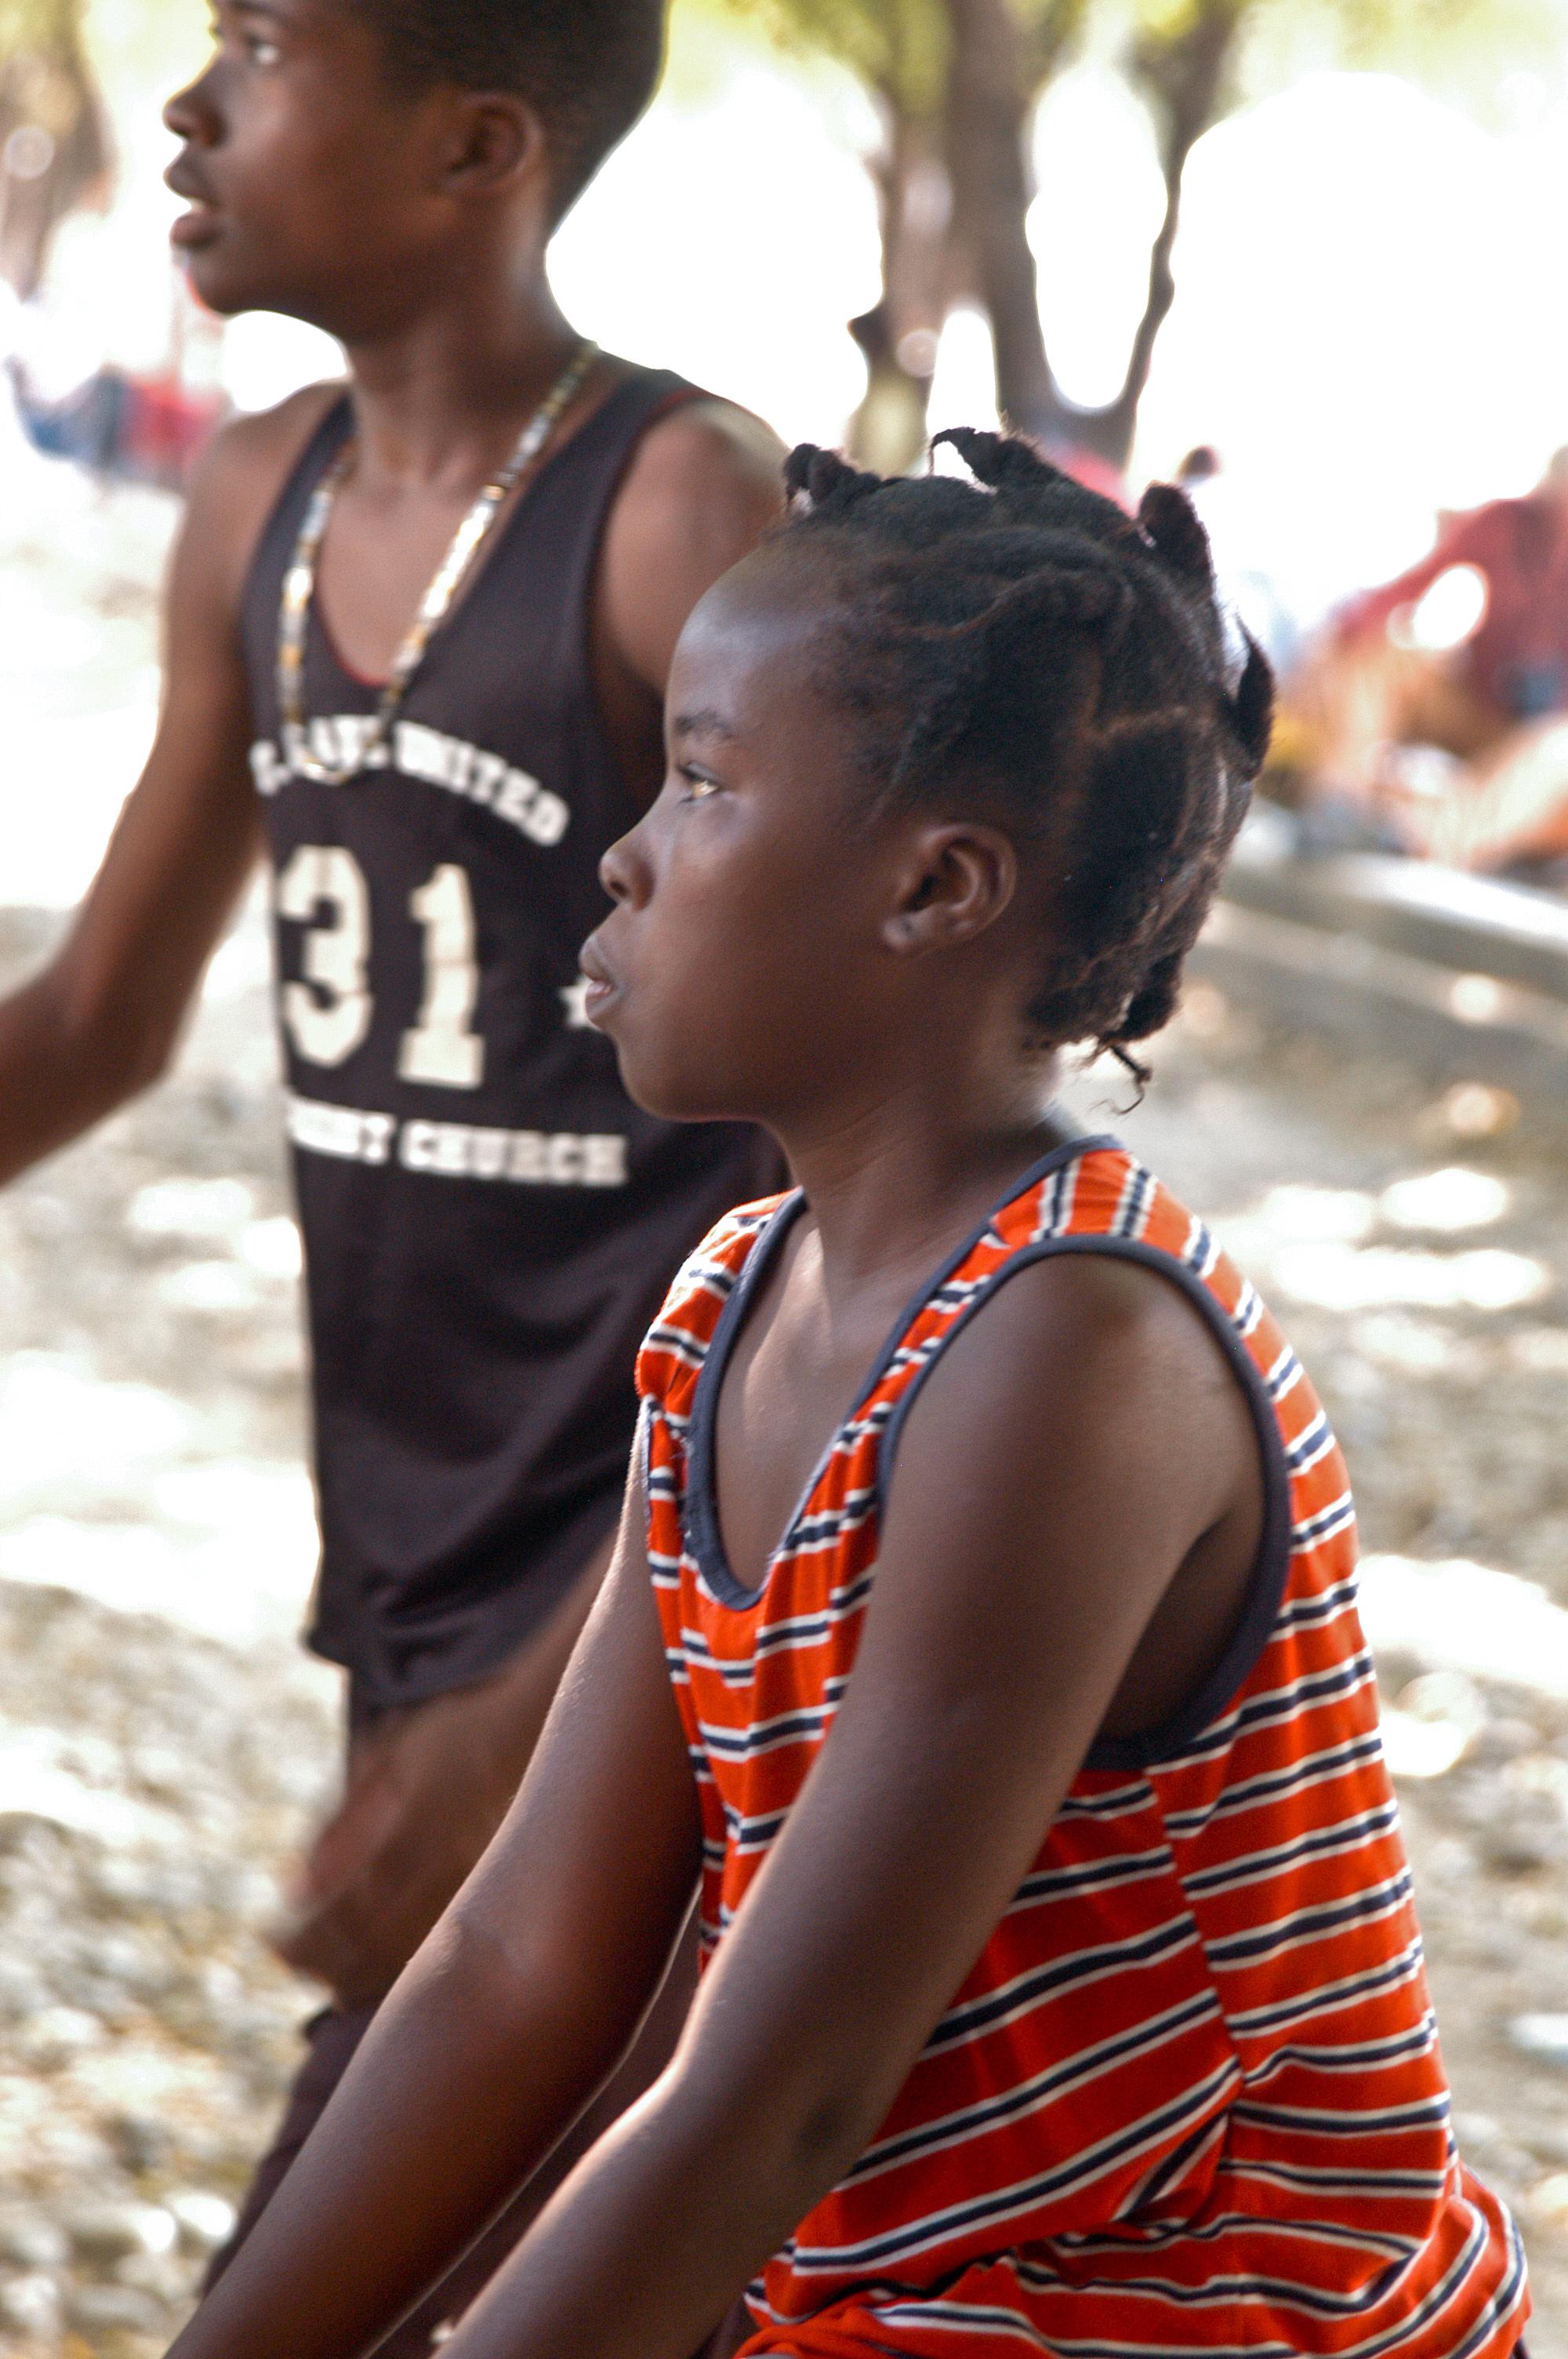 Eliassaint: Save the Children